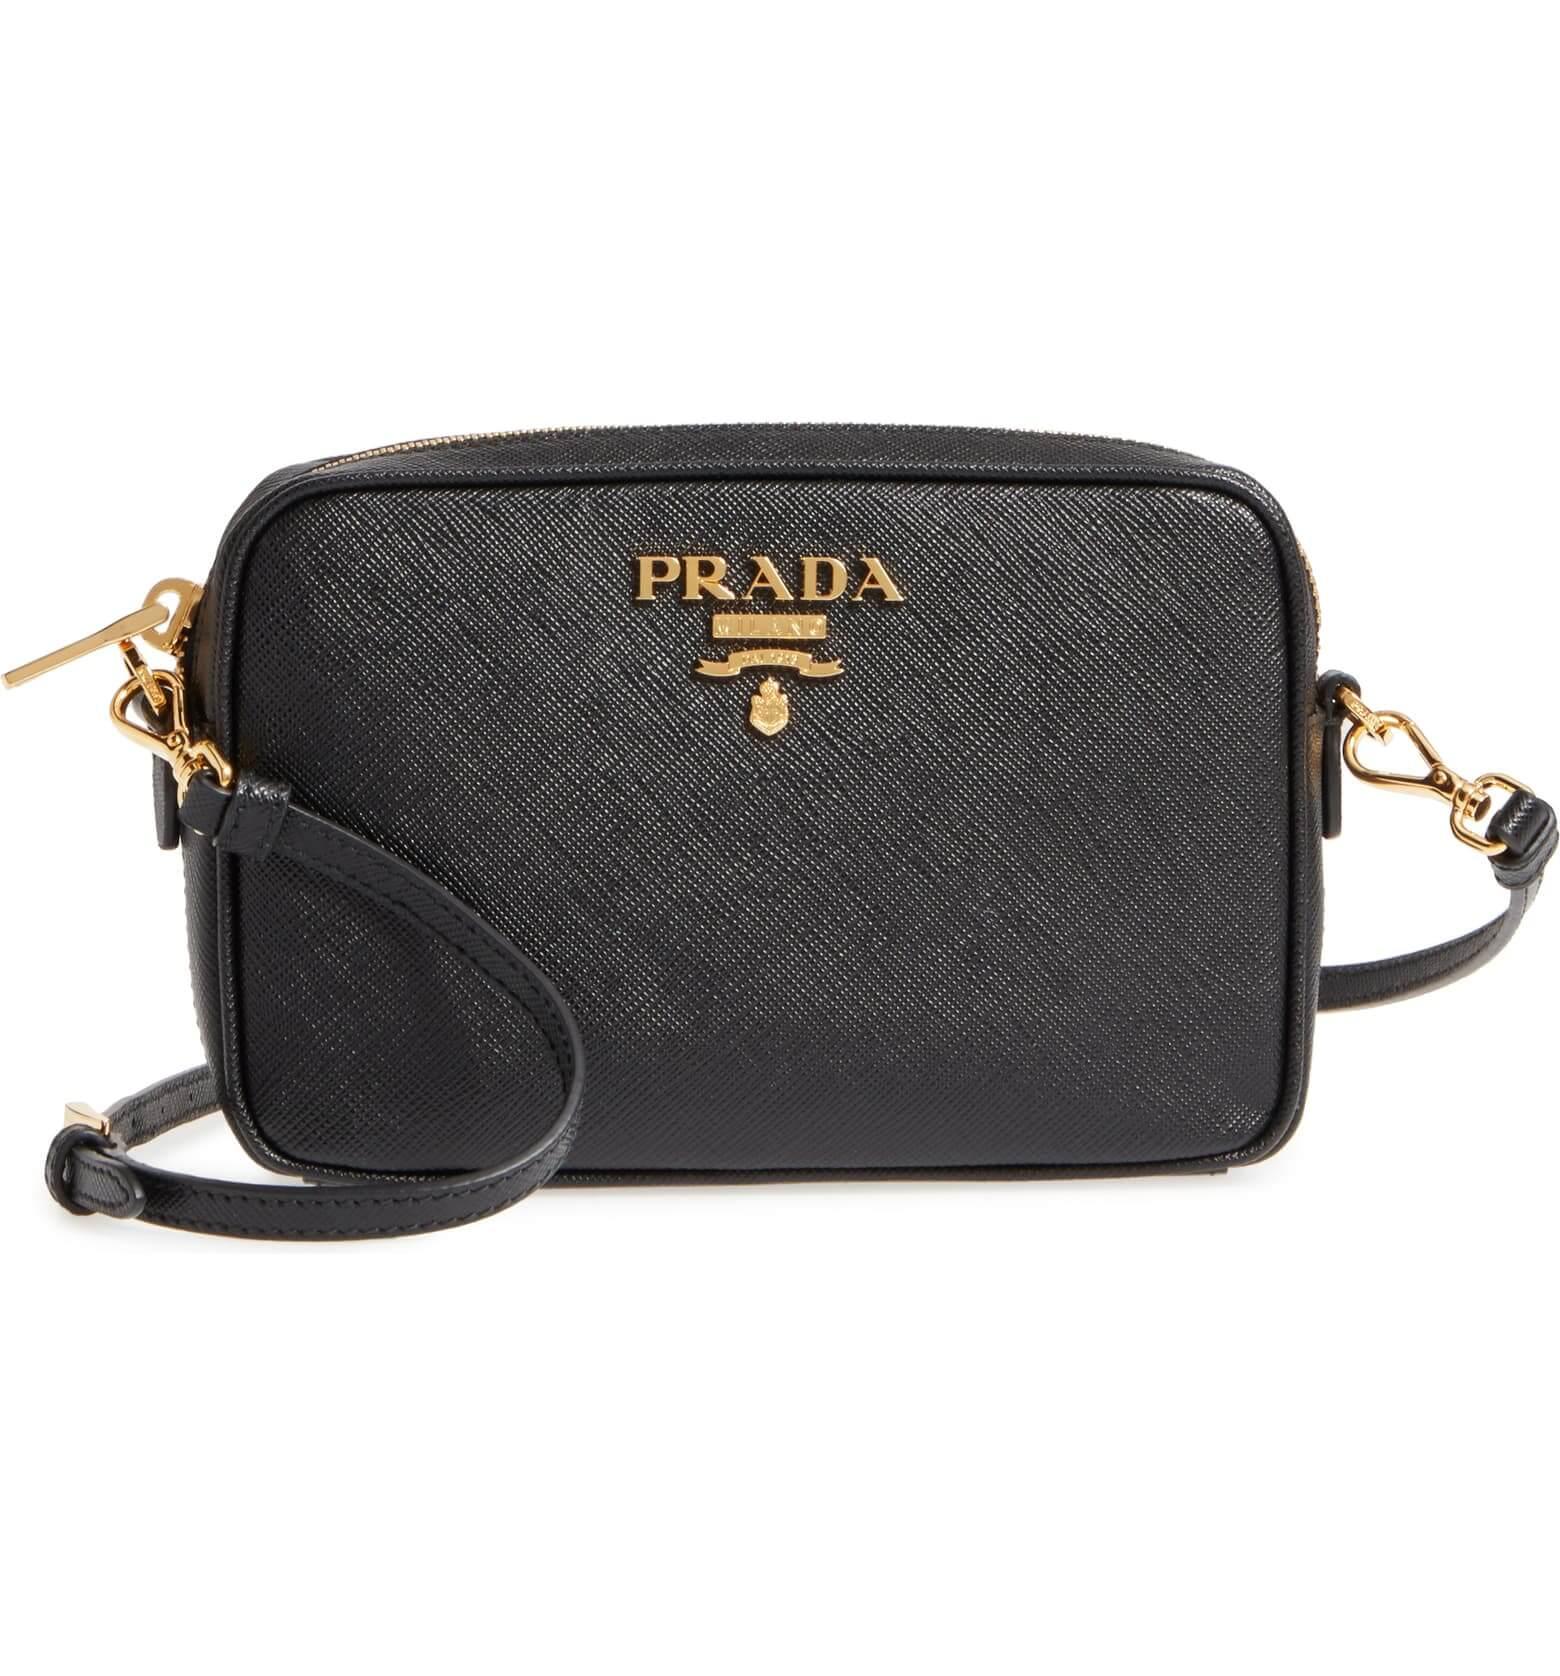 PRADA - Saffiano Leather Camera Bag